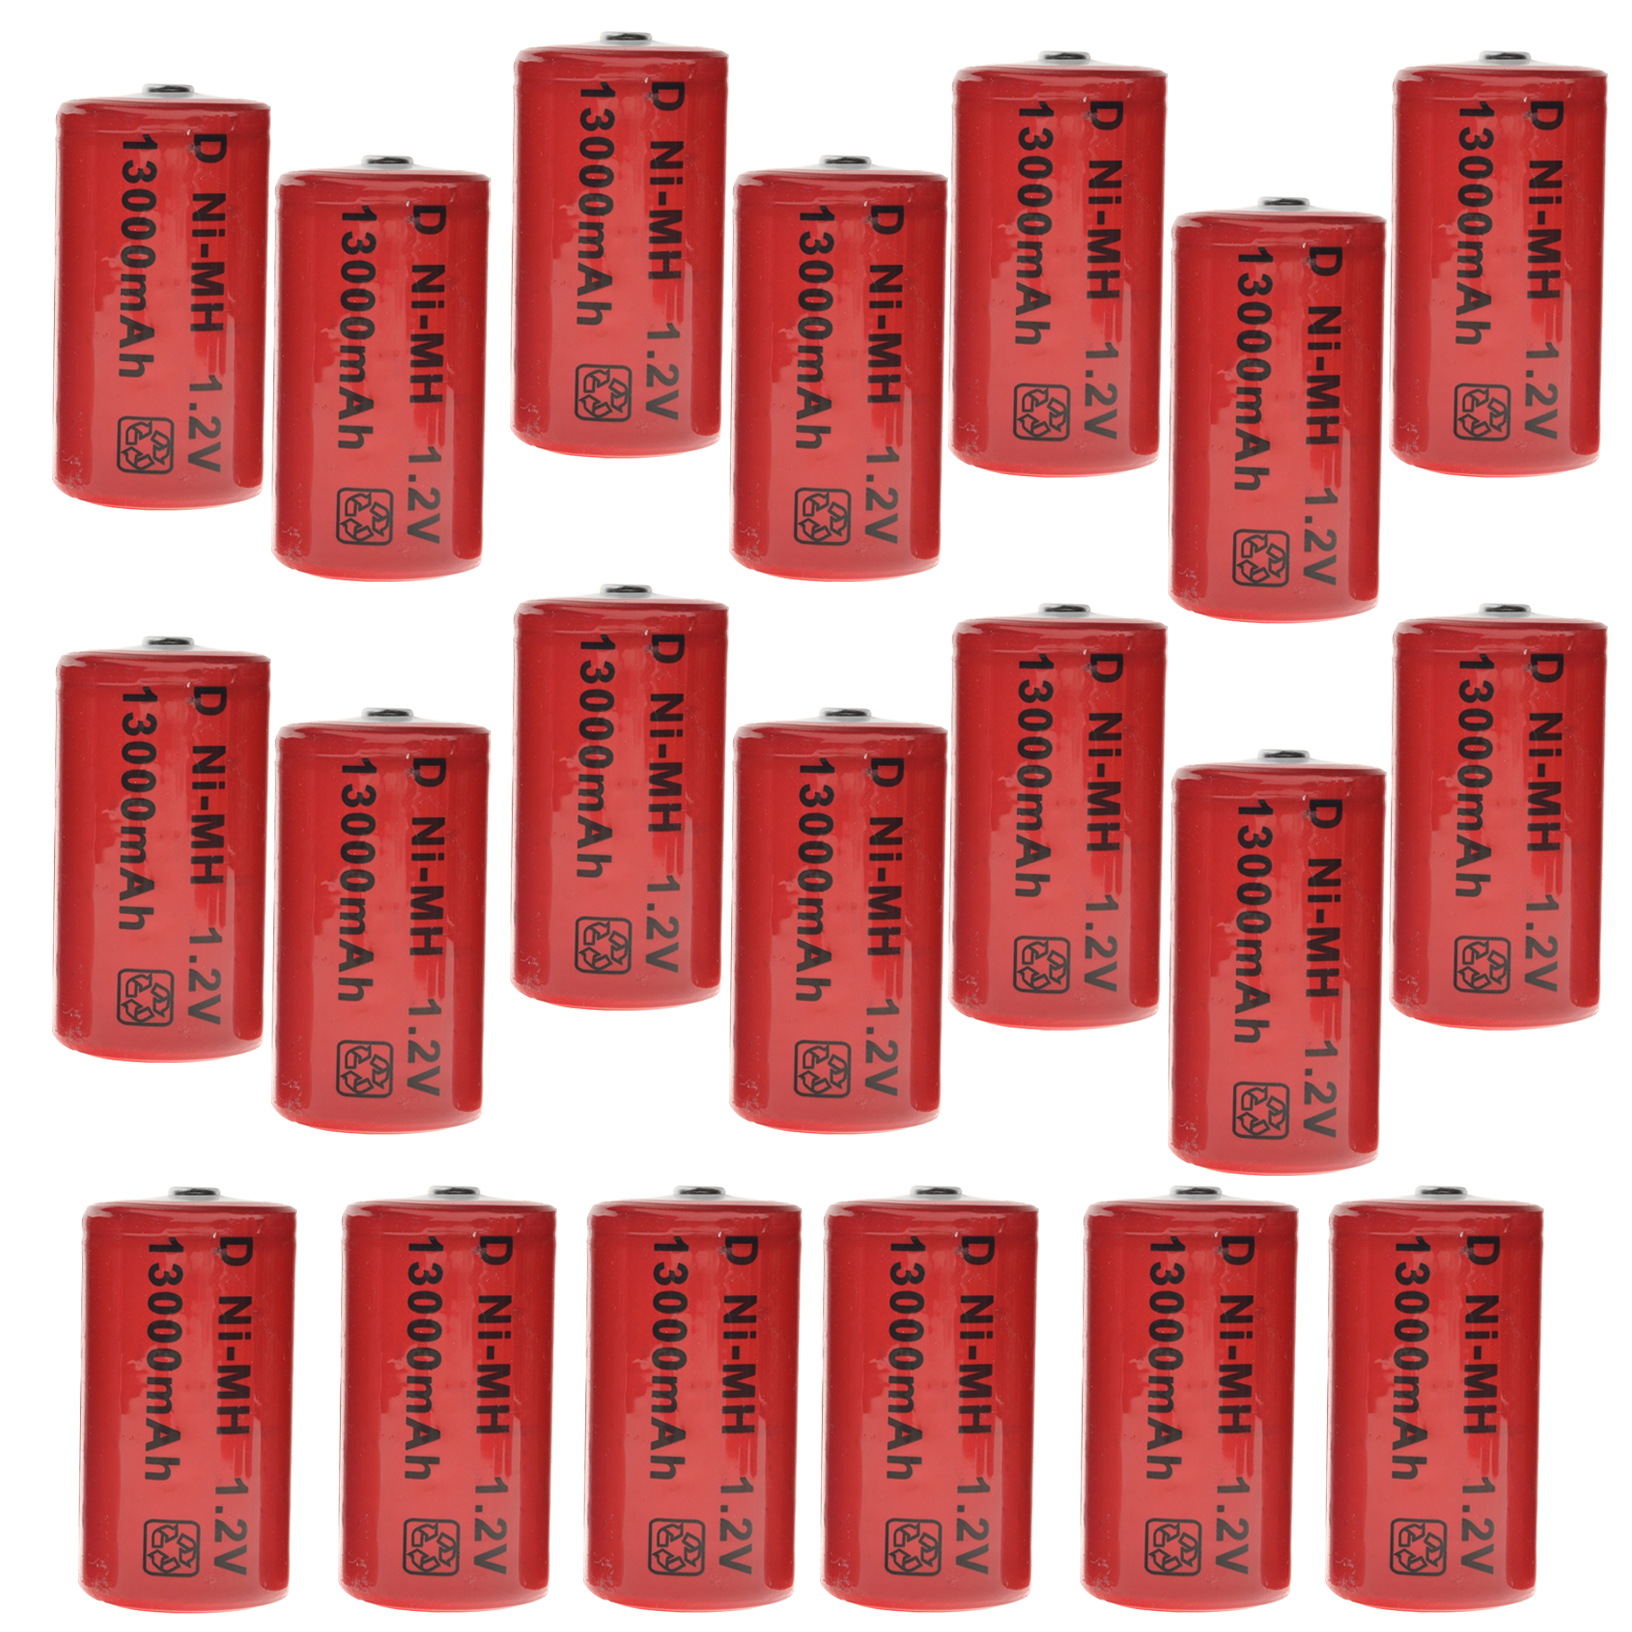 20 pièces D taille 1.2 v Ni-MH 13000 mAh D batterie batterie rechargeable avec Onglets Argent